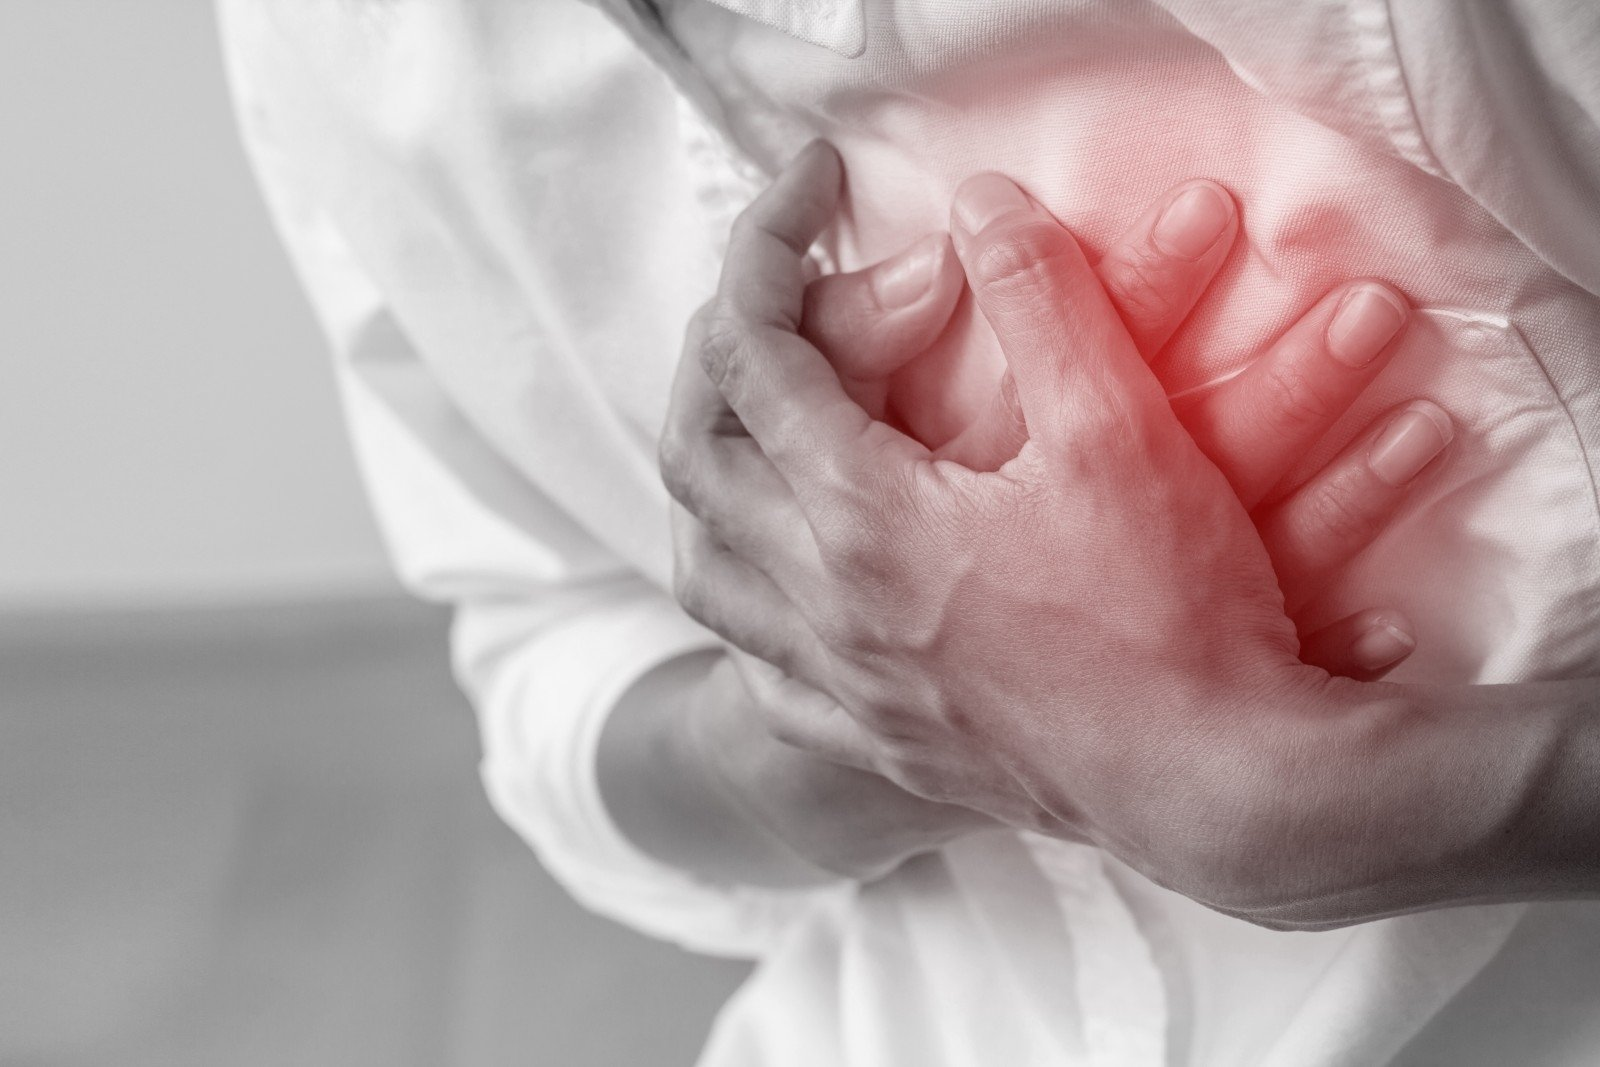 blogos širdies sveikatos simptomai)